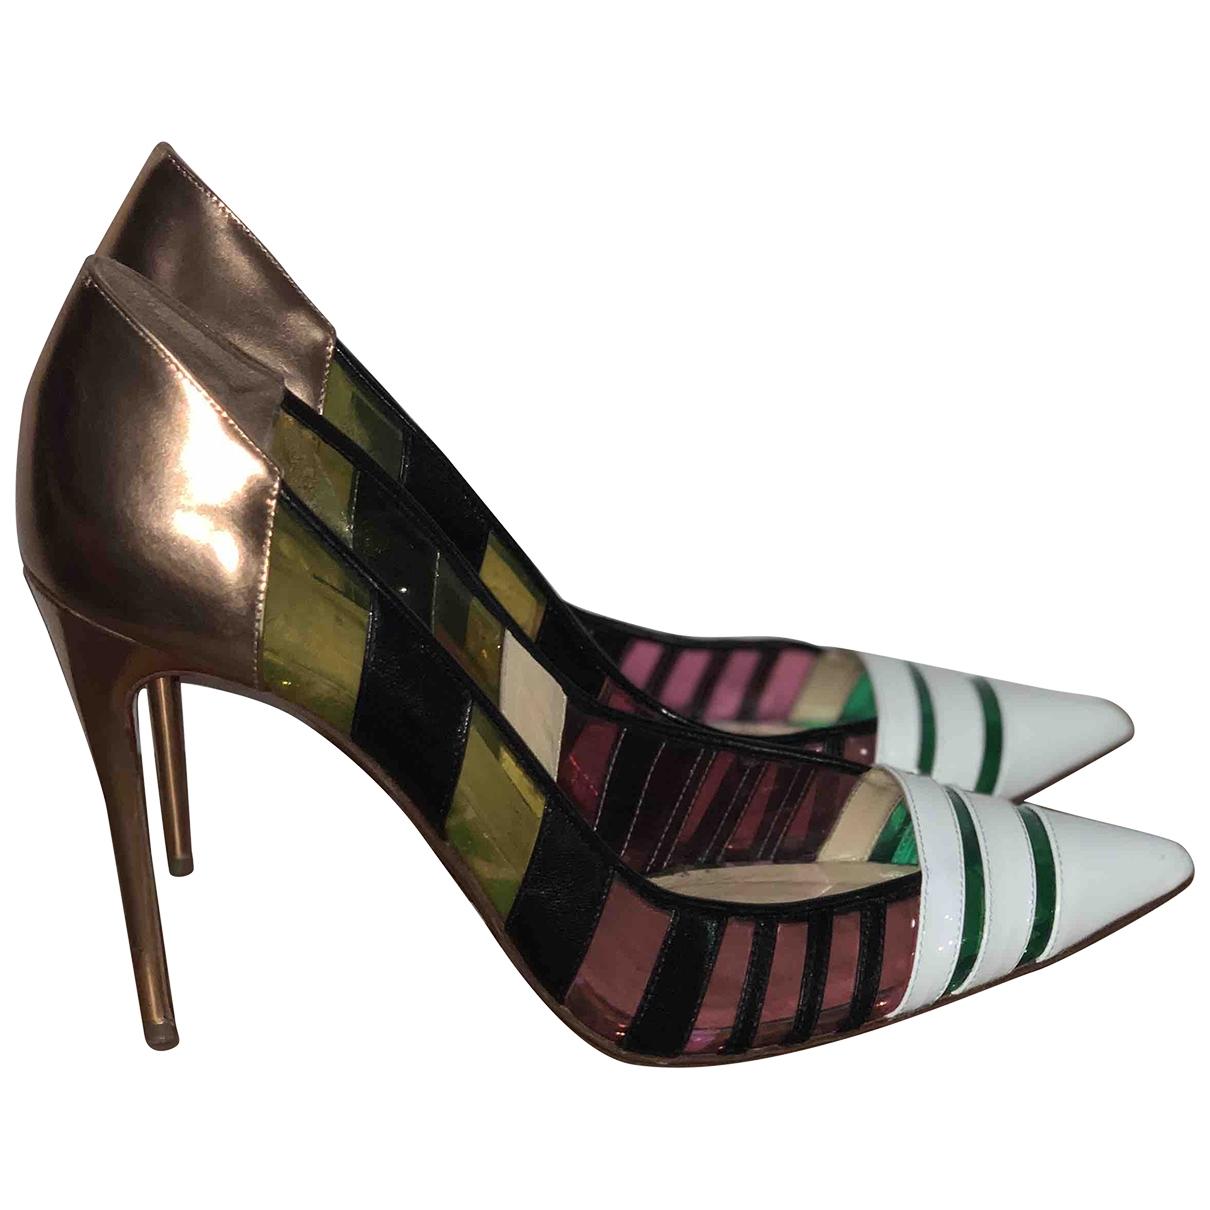 Christian Louboutin - Escarpins   pour femme en cuir verni - multicolore